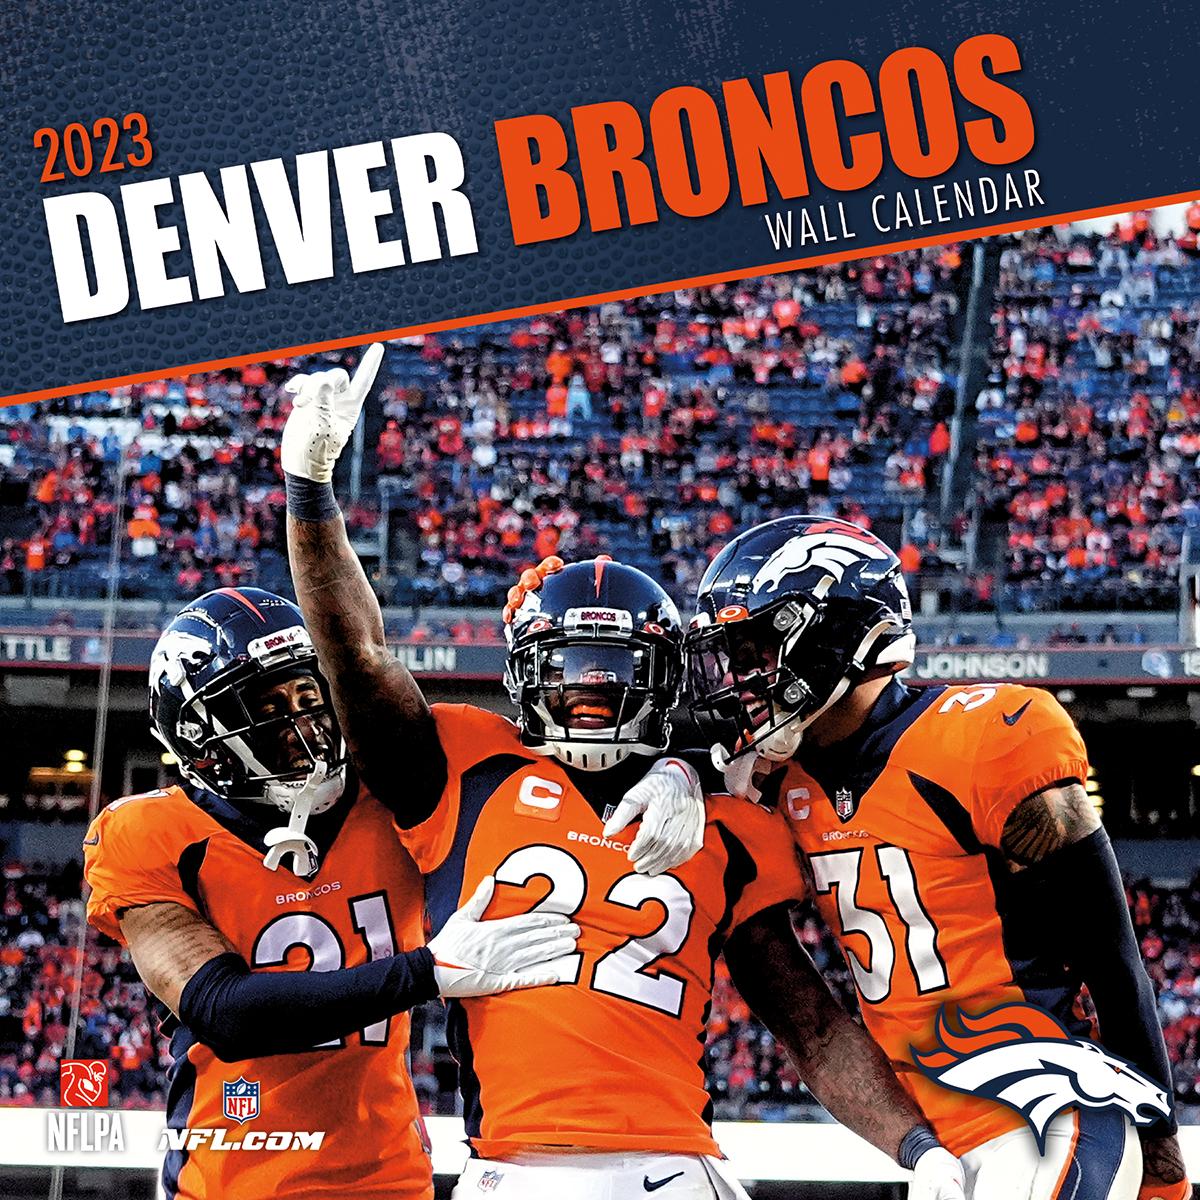 Denver Broncos 2018 Nfl Wall Calendar Buy At Khc Sports